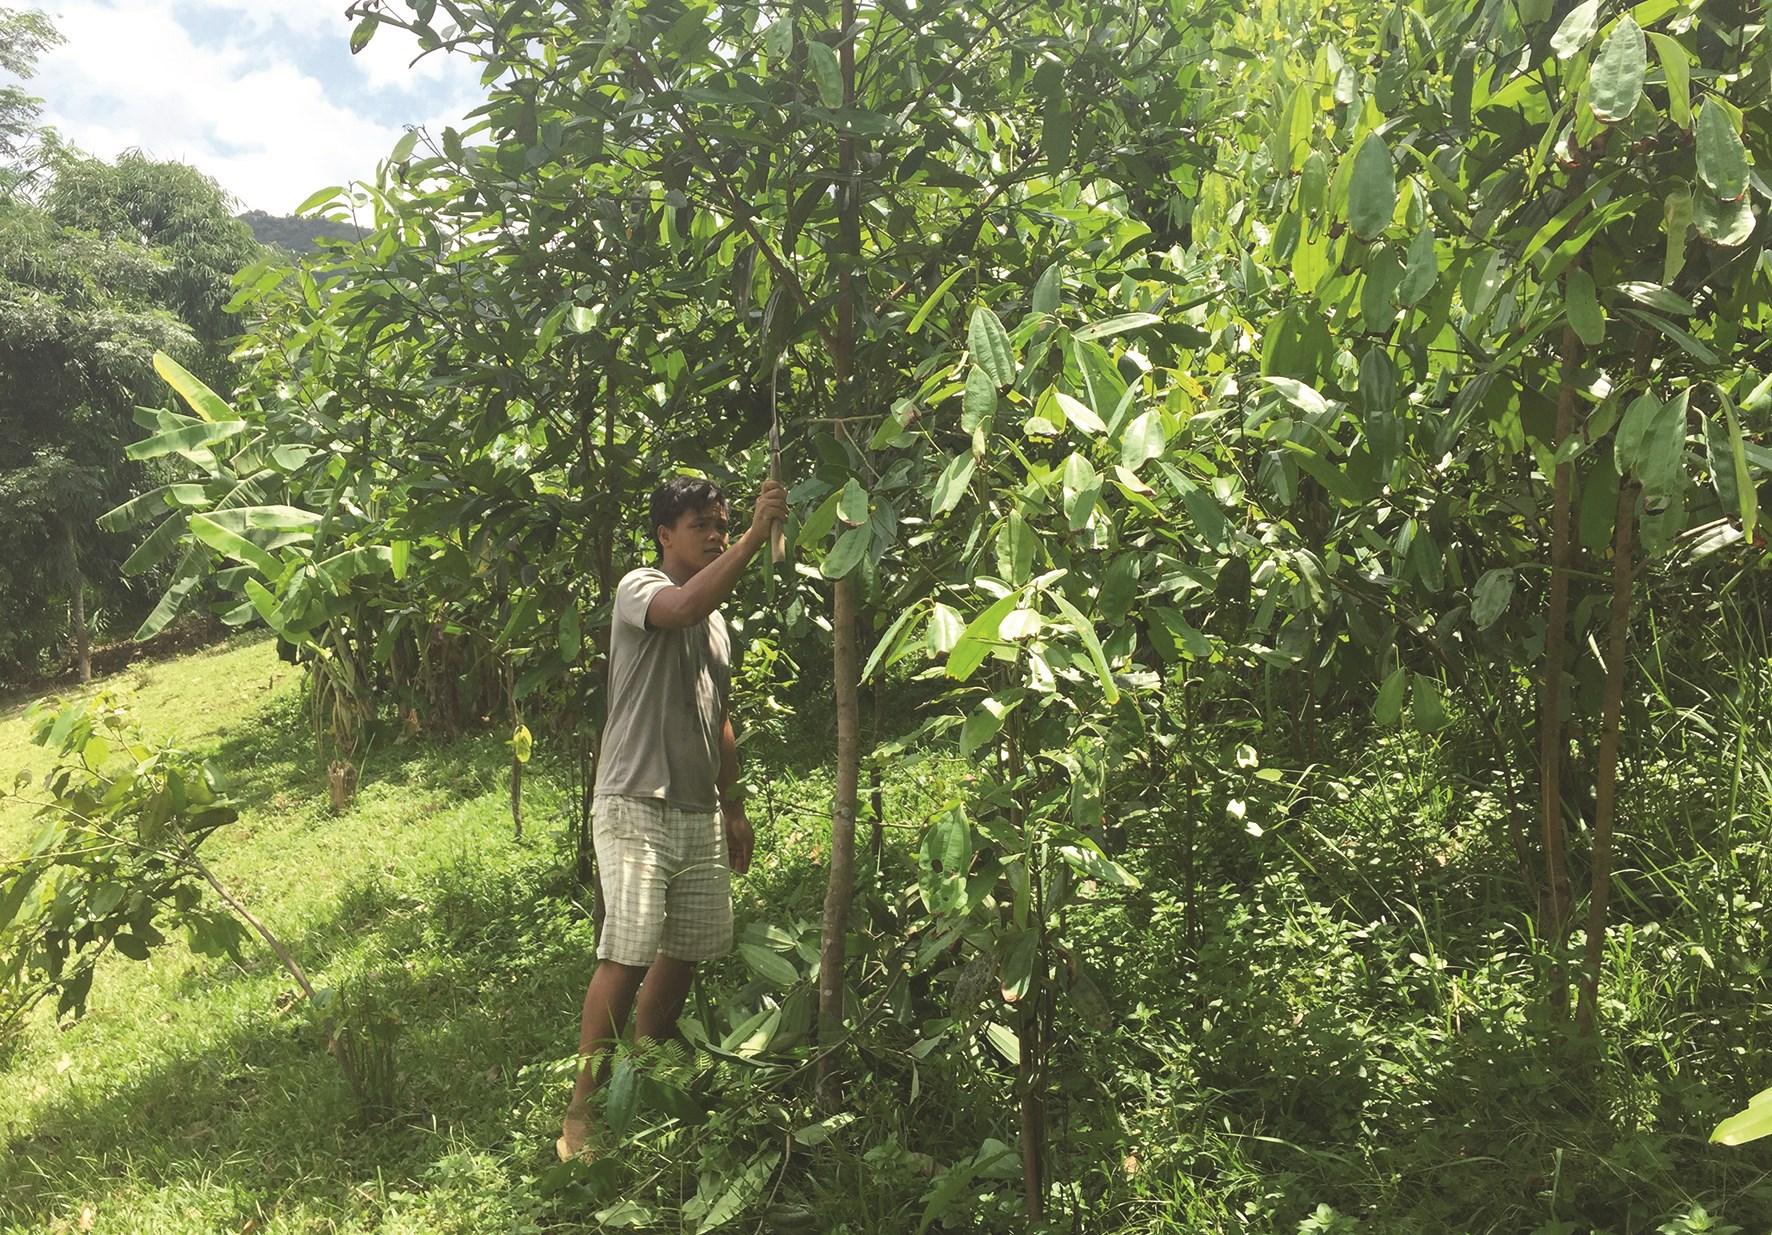 Việc hỗ trợ trồng rừng sau đầu tư góp phần nâng cao đời sống người dân tham gia trồng rừng